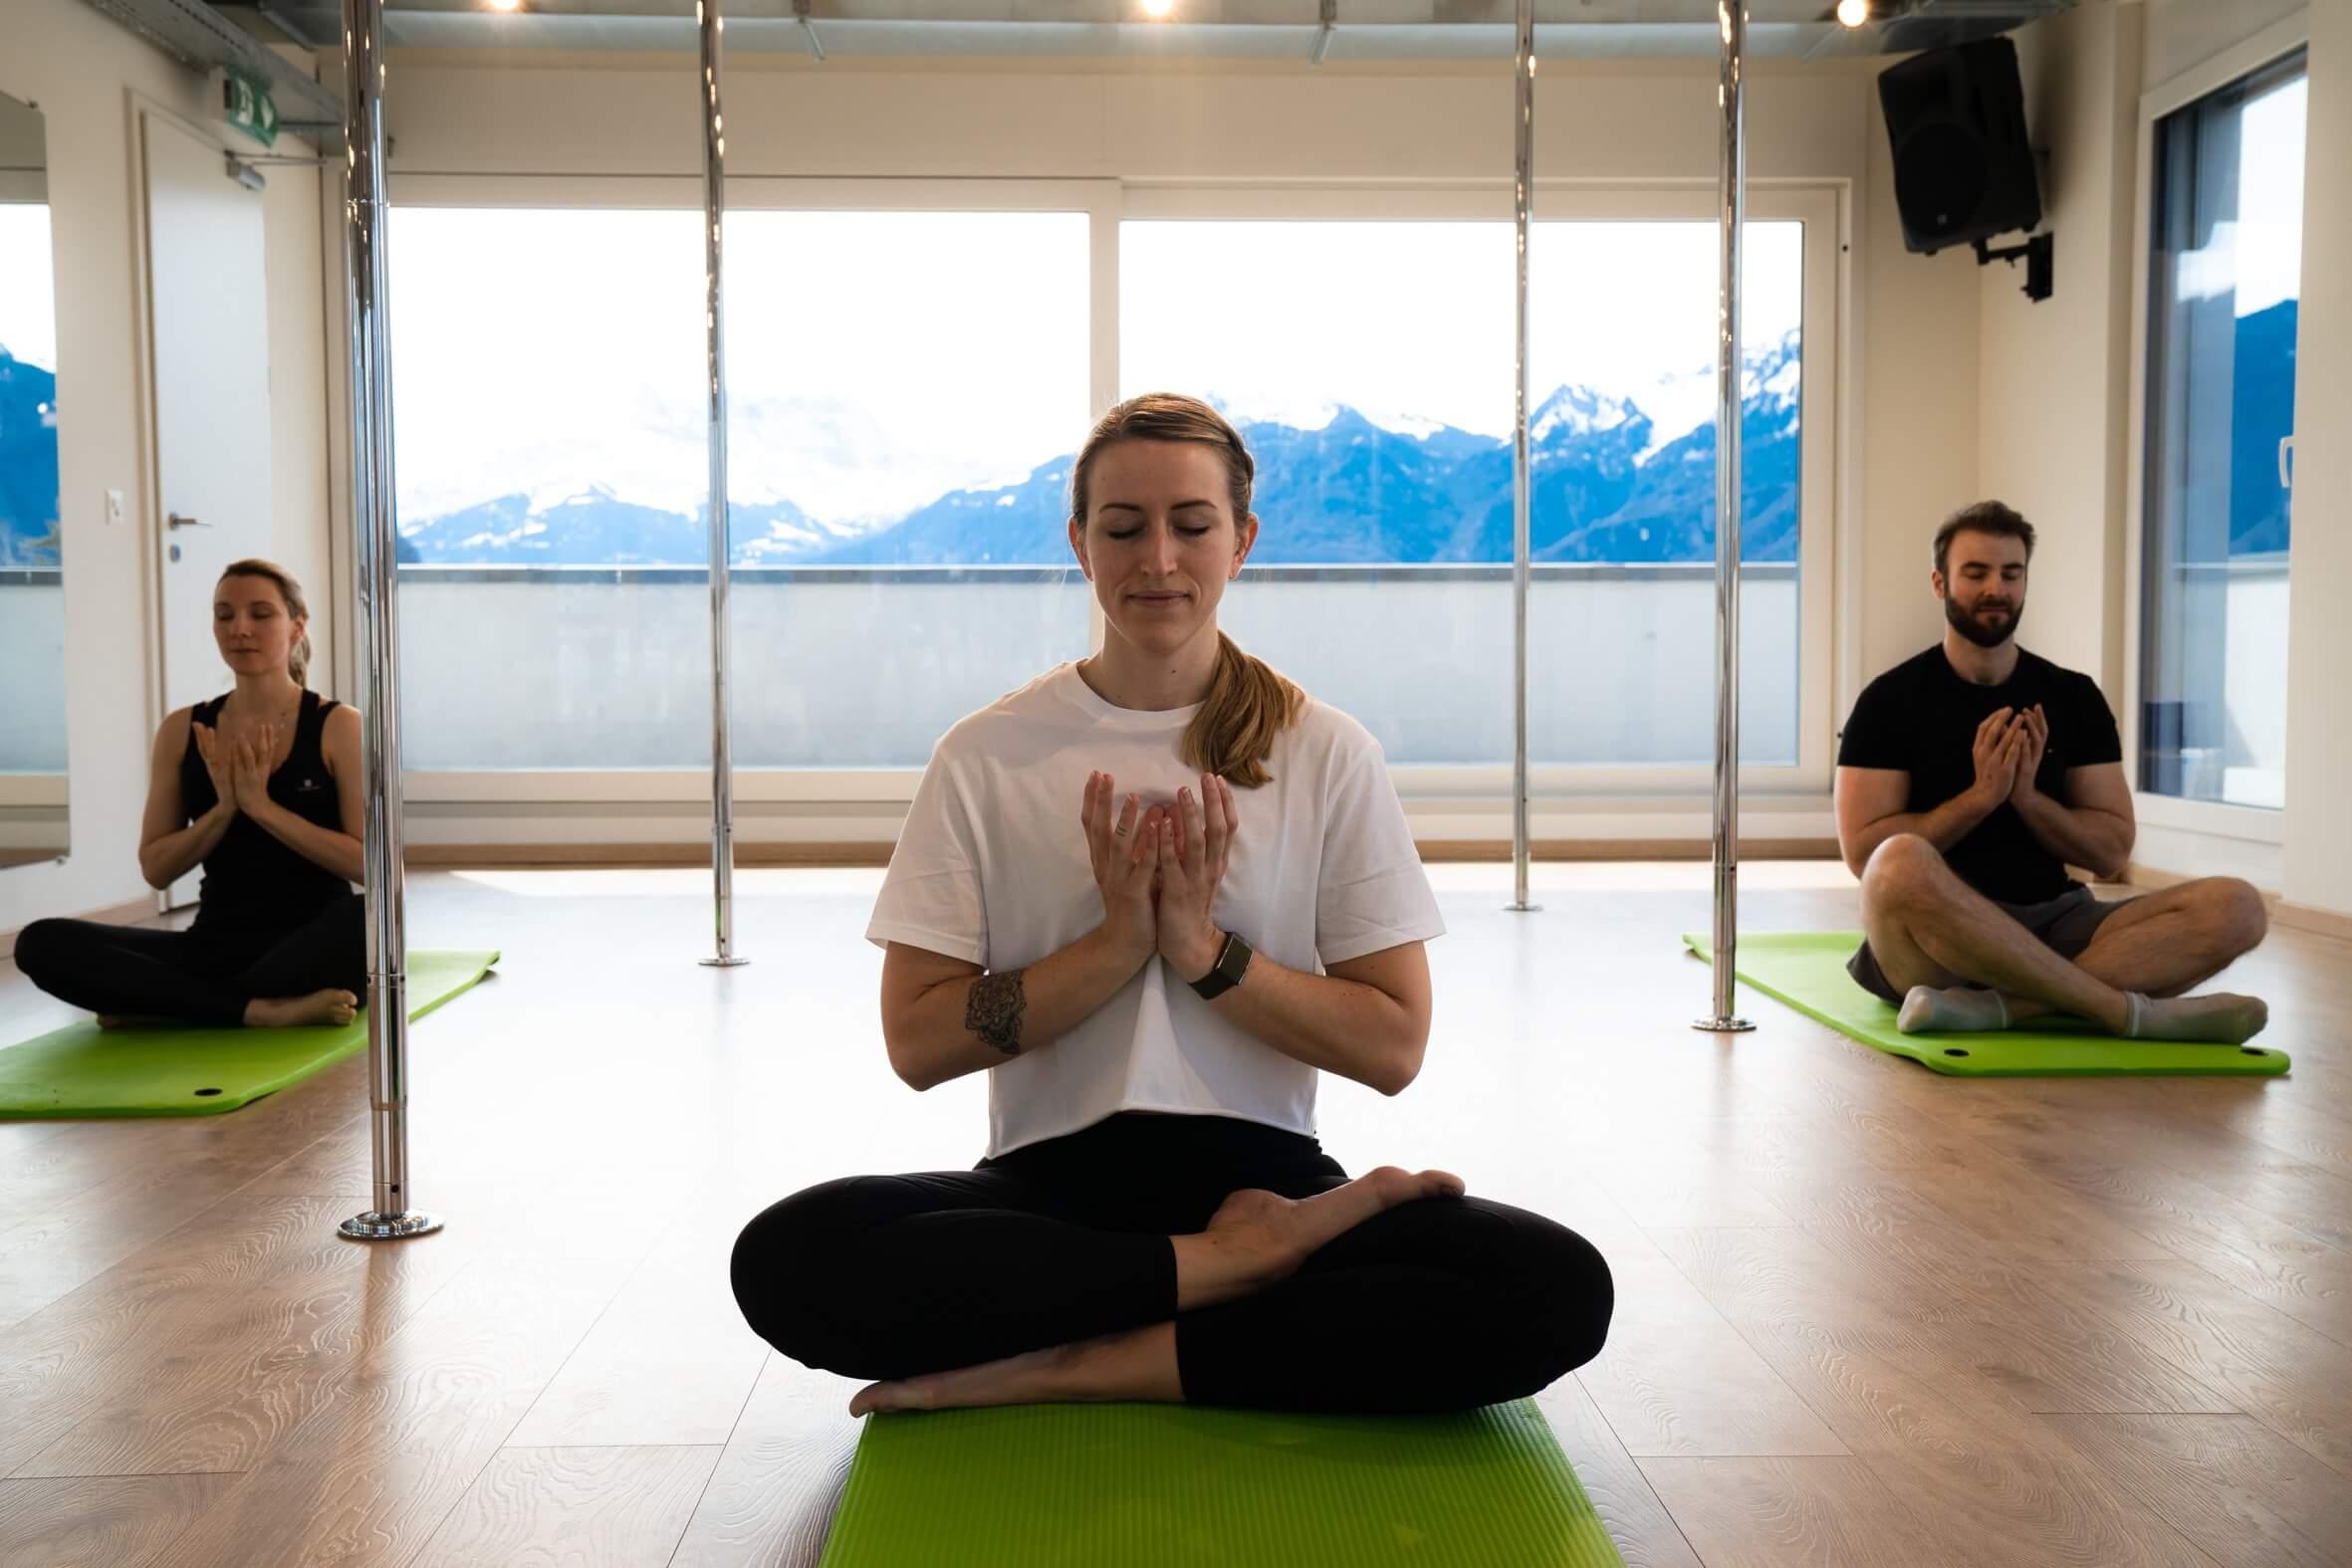 cours-yoga-fitness-villeneuve-vaud-athletics-center-4